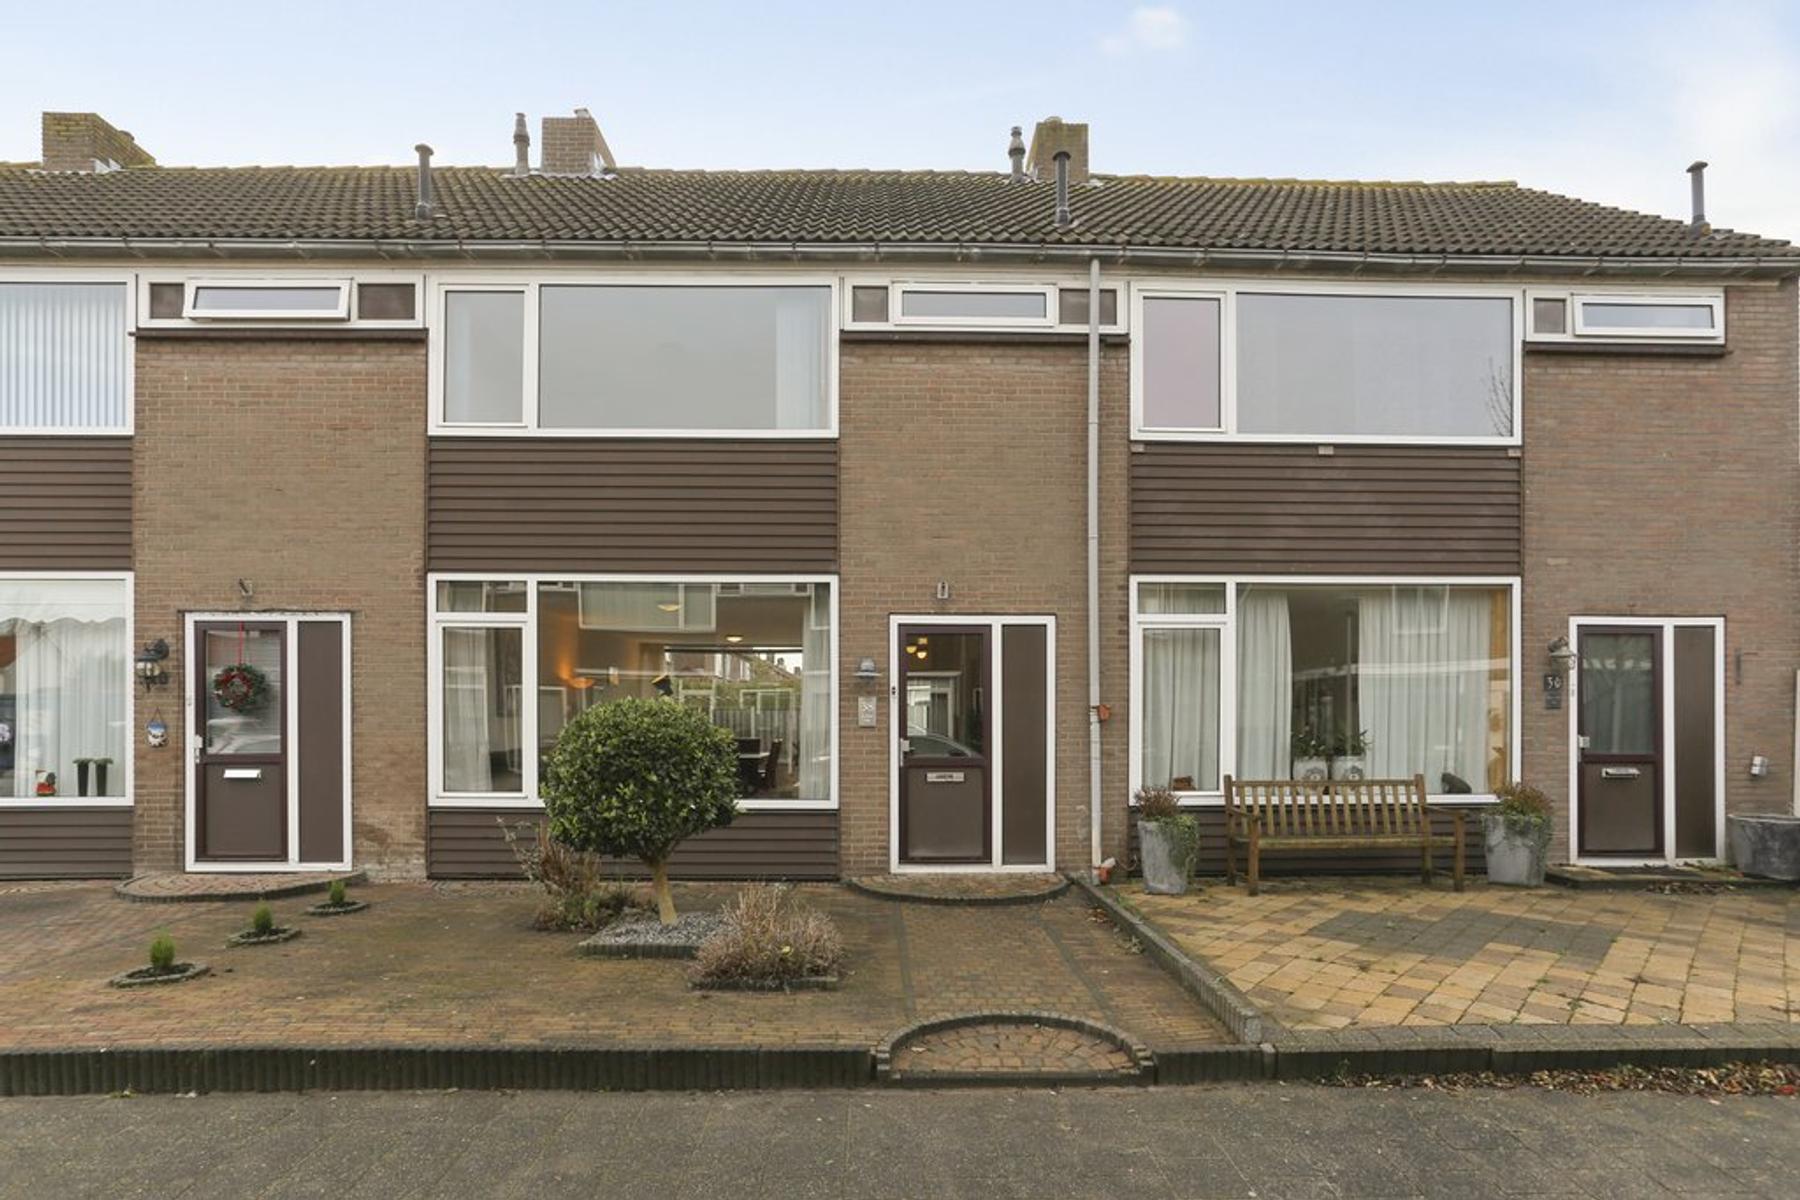 Bryhoekstraat 38 in Hellevoetsluis 3223 BE